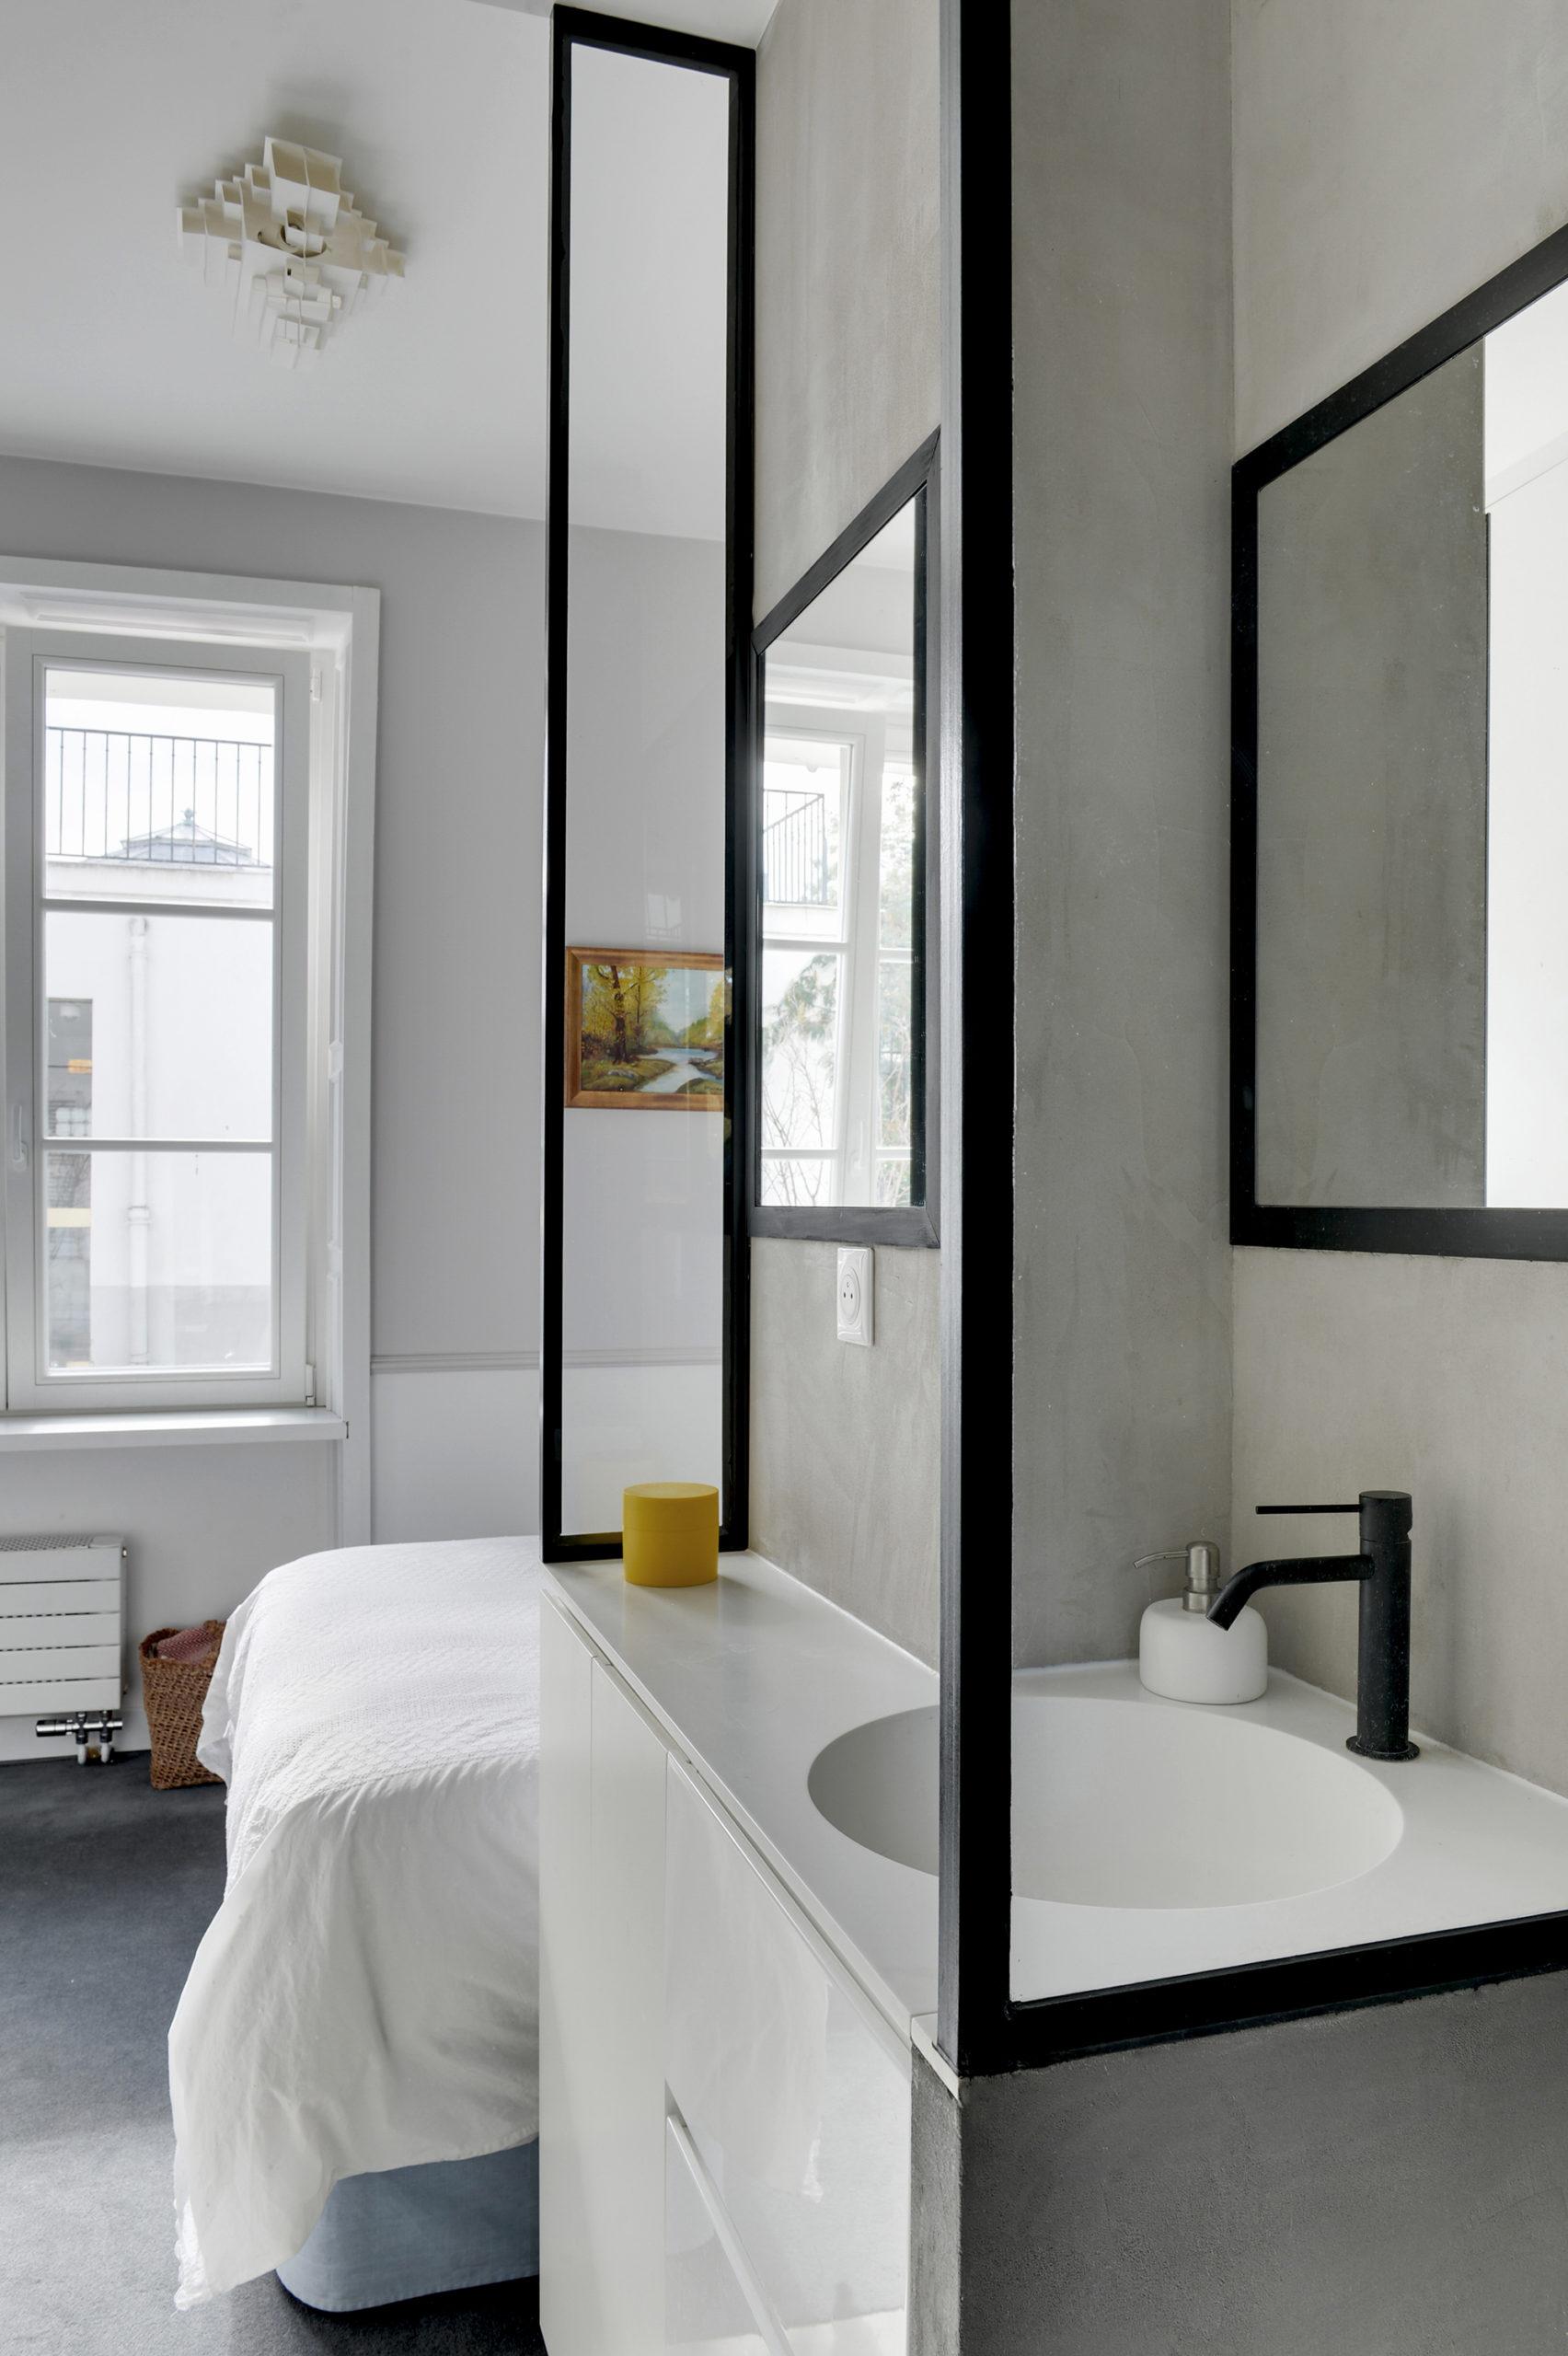 Rénovation Art Déco - salle de bains béton ciré et marbre - Architecte intérieur Paris - Studio Mariekke